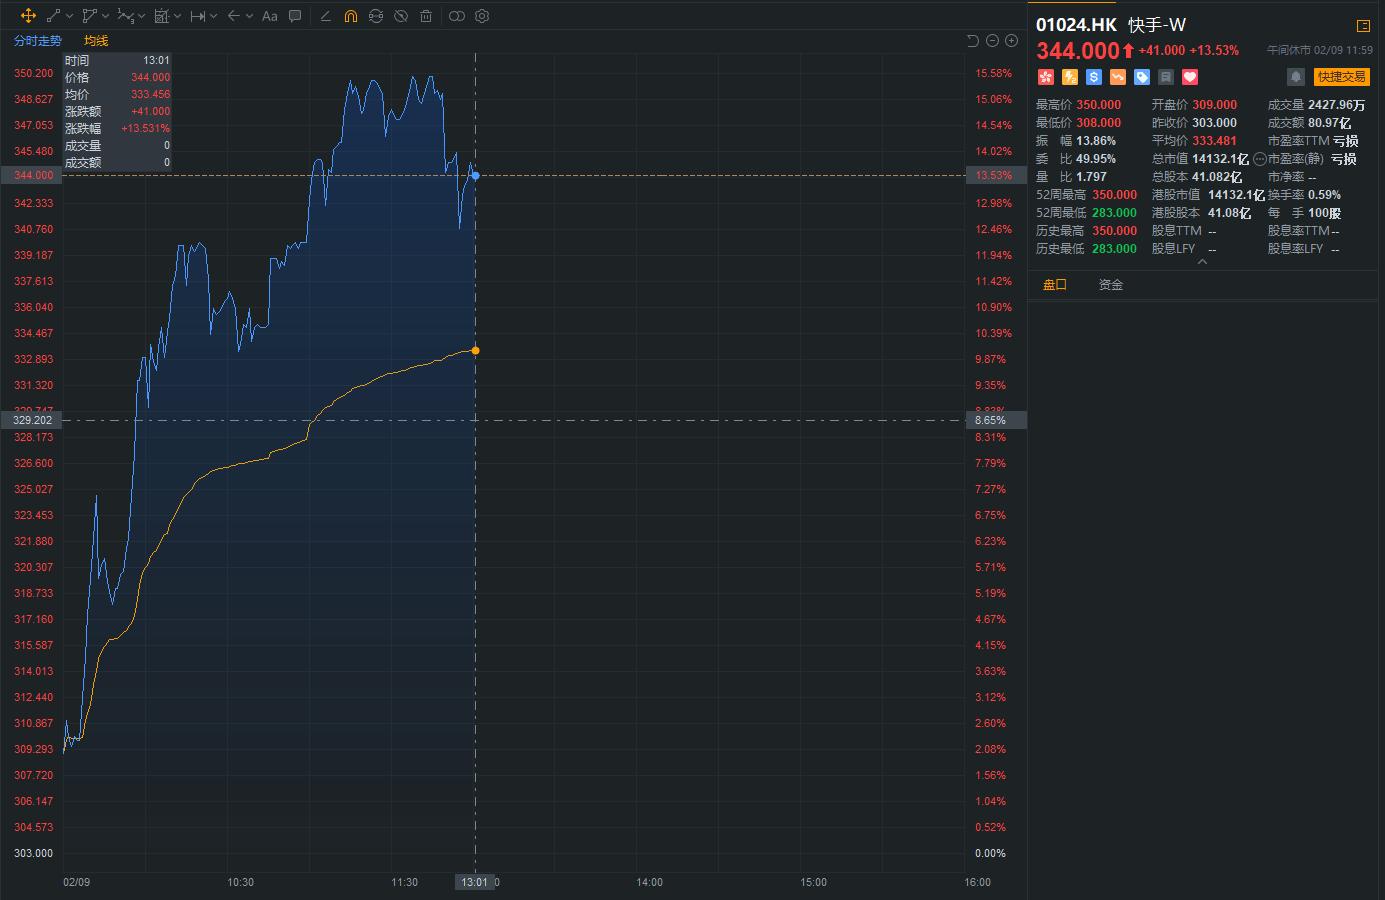 在当天的交易中,阿托快捷上涨超过15%,并将被纳入恒生指数